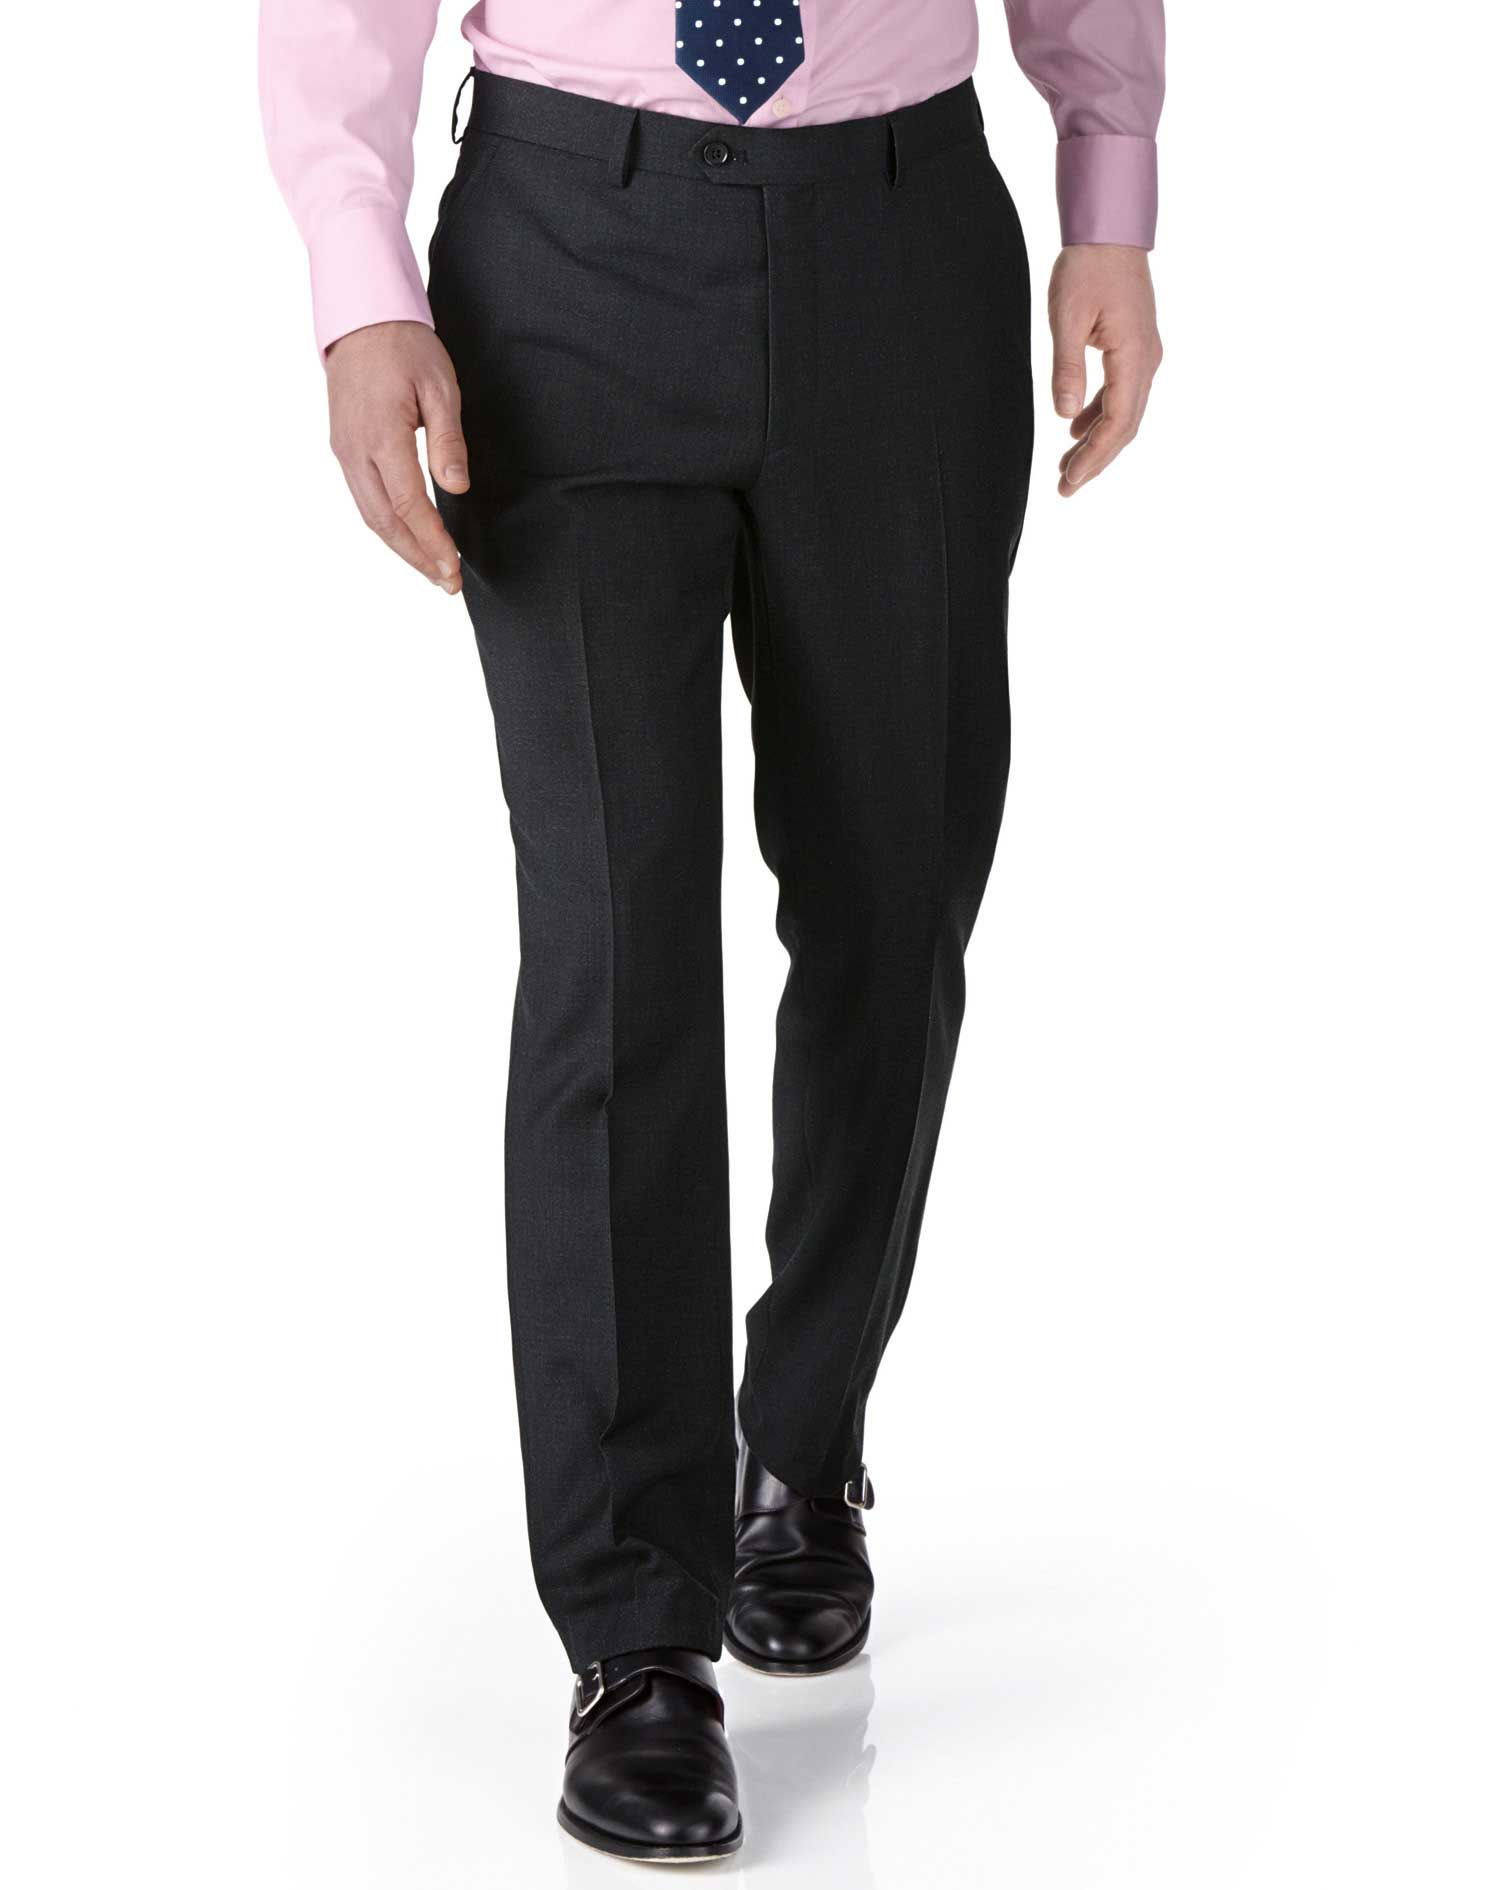 Pantalones de traje de oficina gris marengo de sarga y corte extraentallado